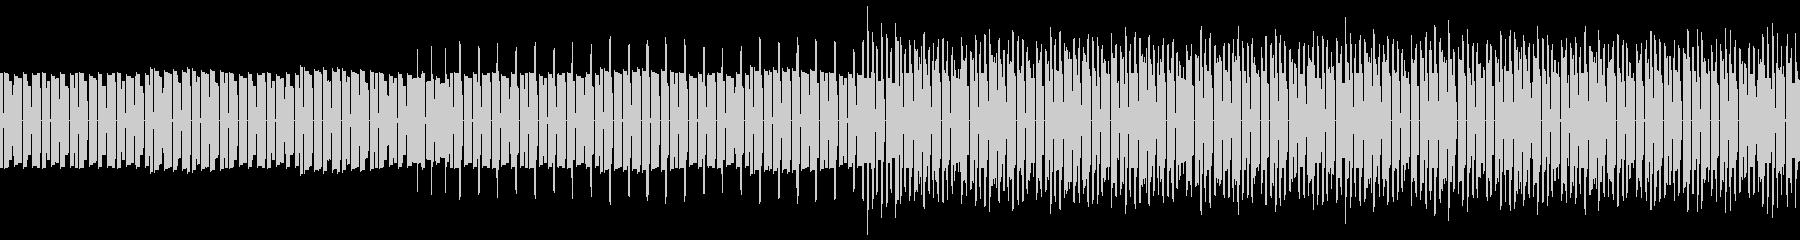 ロックンロールな曲をファミコン音源にての未再生の波形